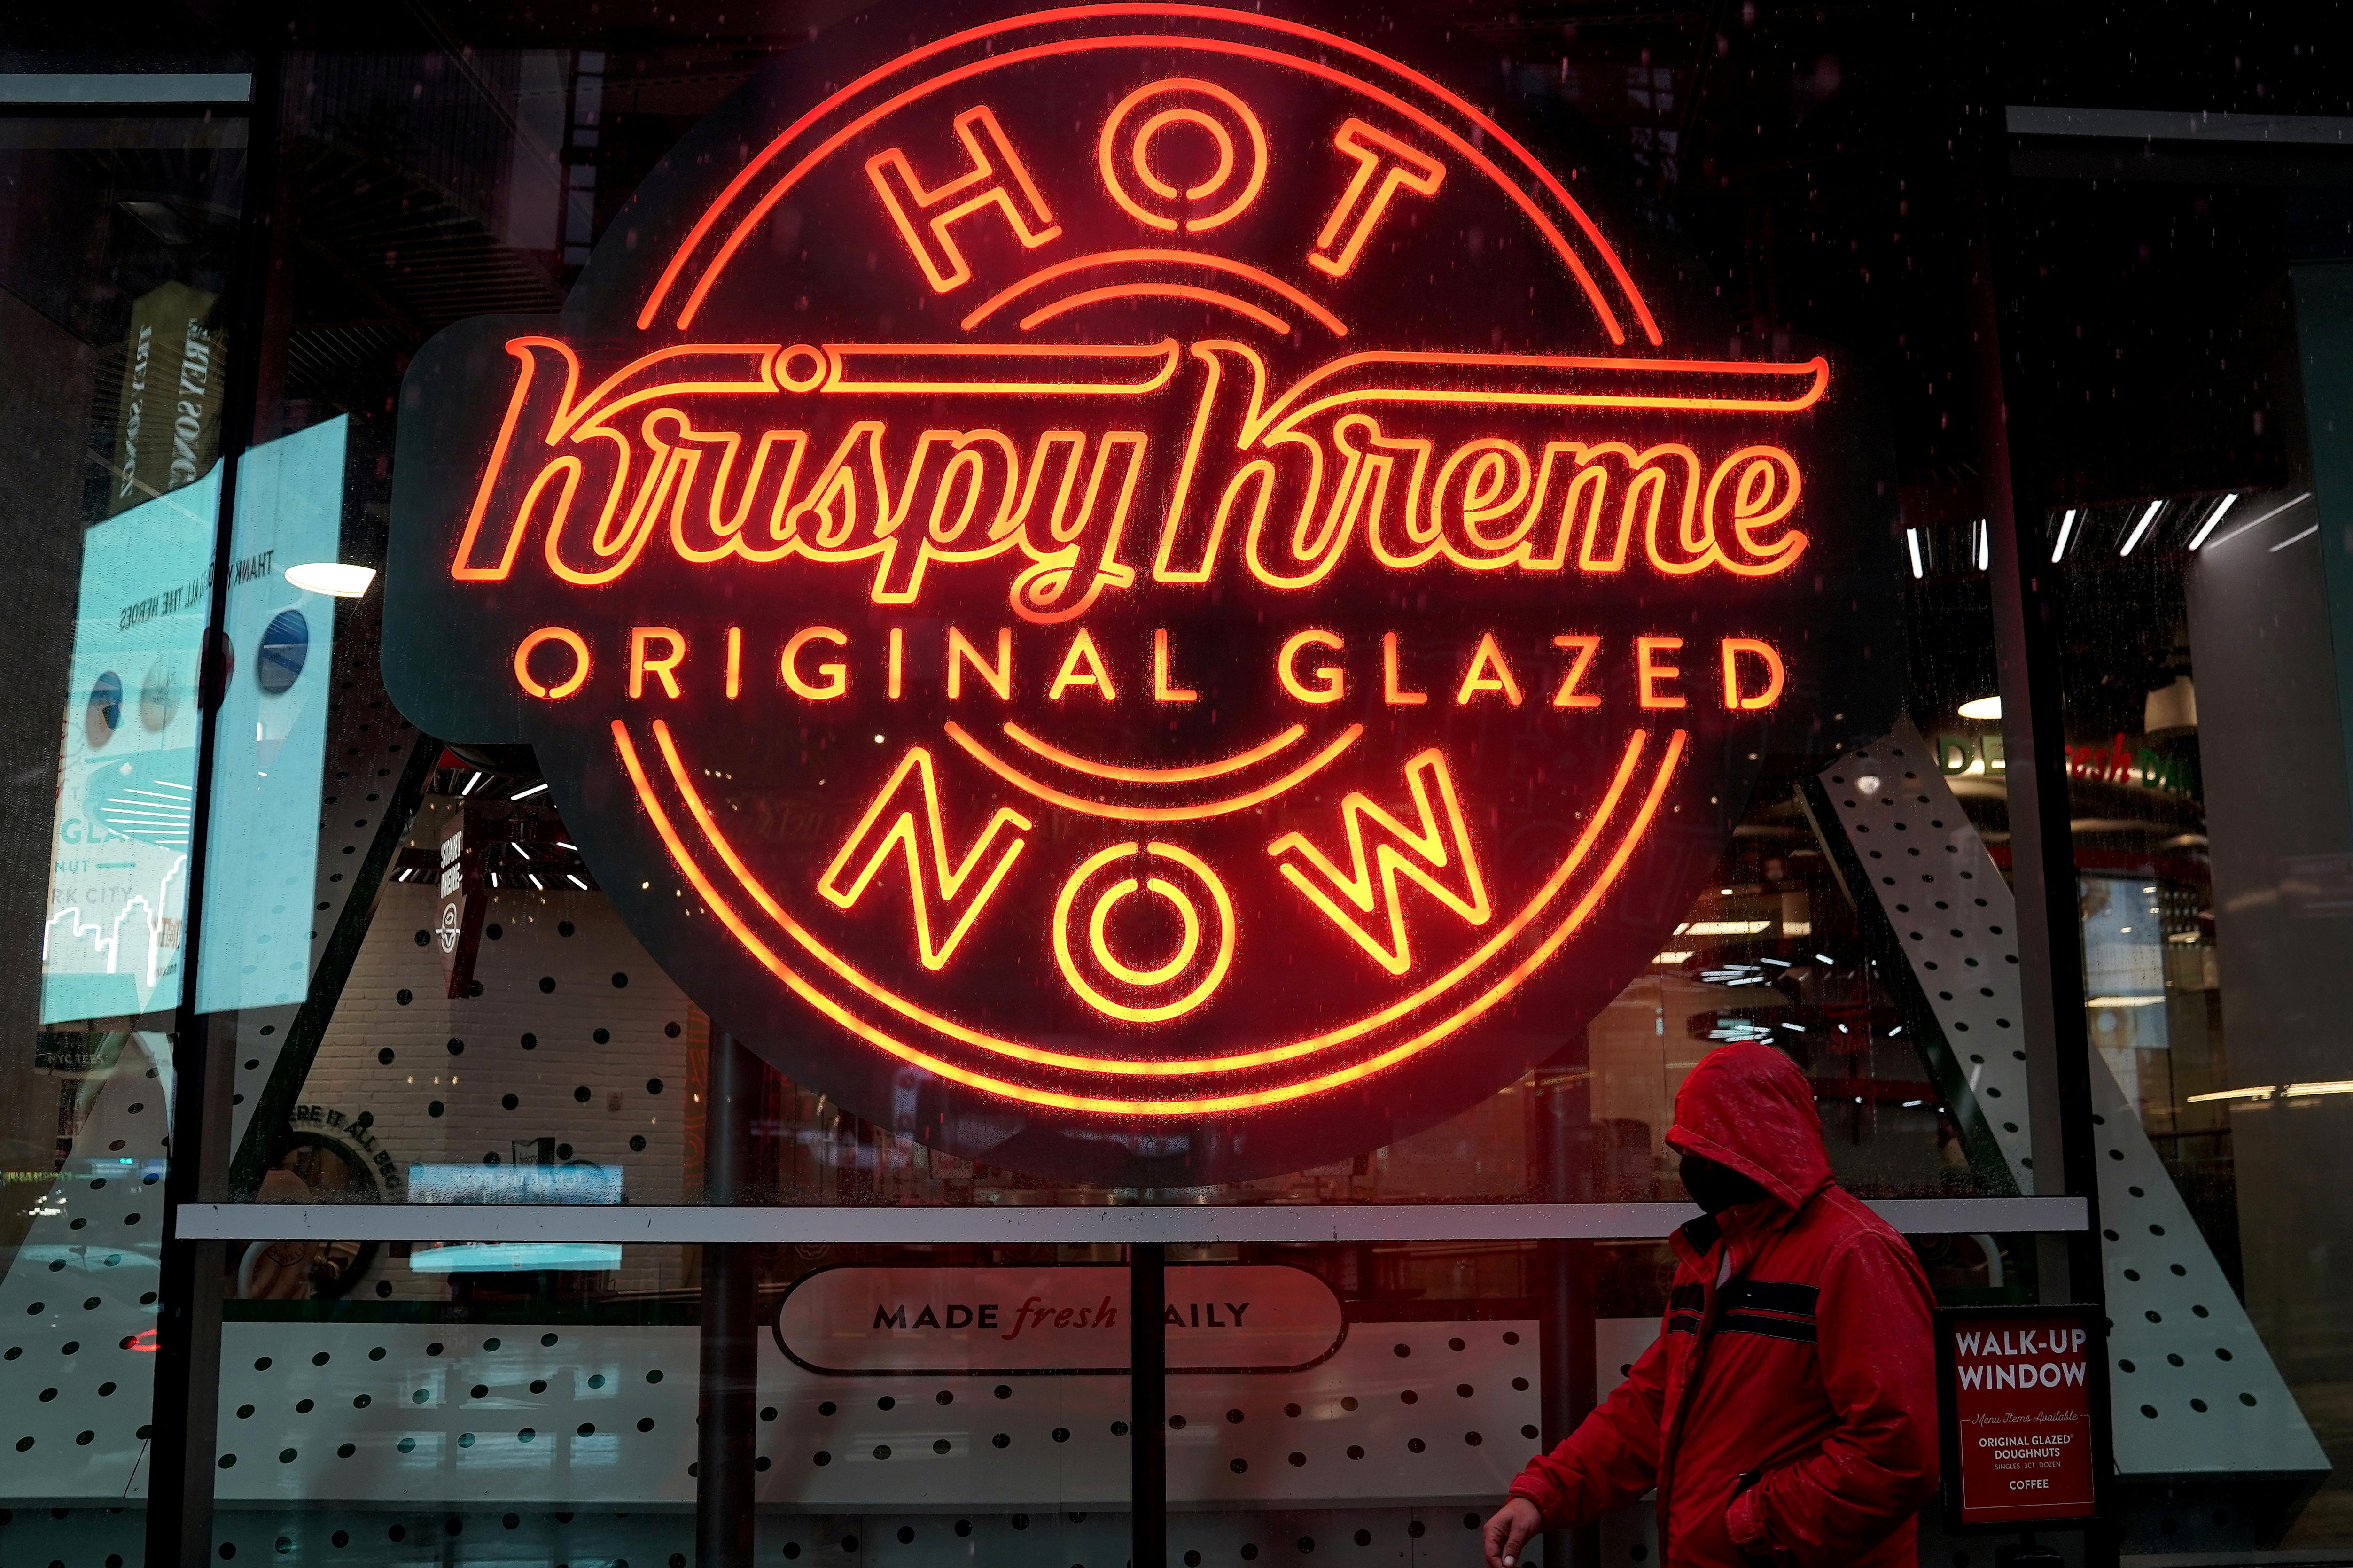 A man walks past a Krispy Kreme